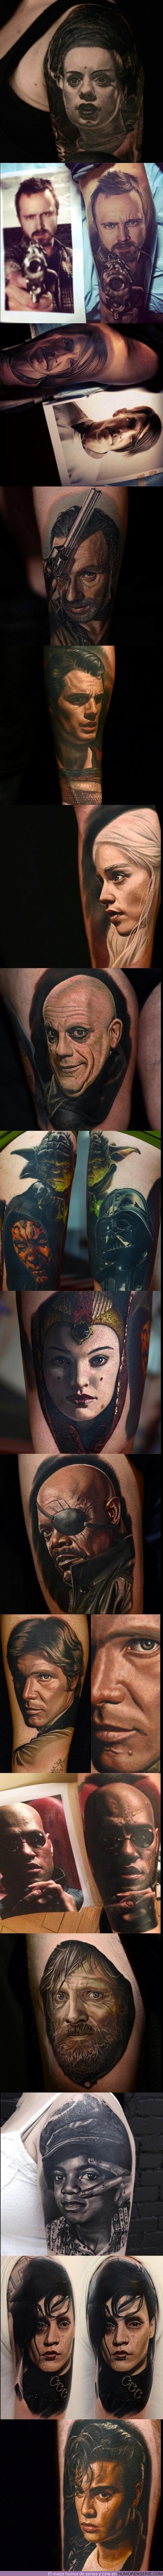 705 - NIKKO HURTADO - Cuando los tatuajes están bien hechos son obras de arte